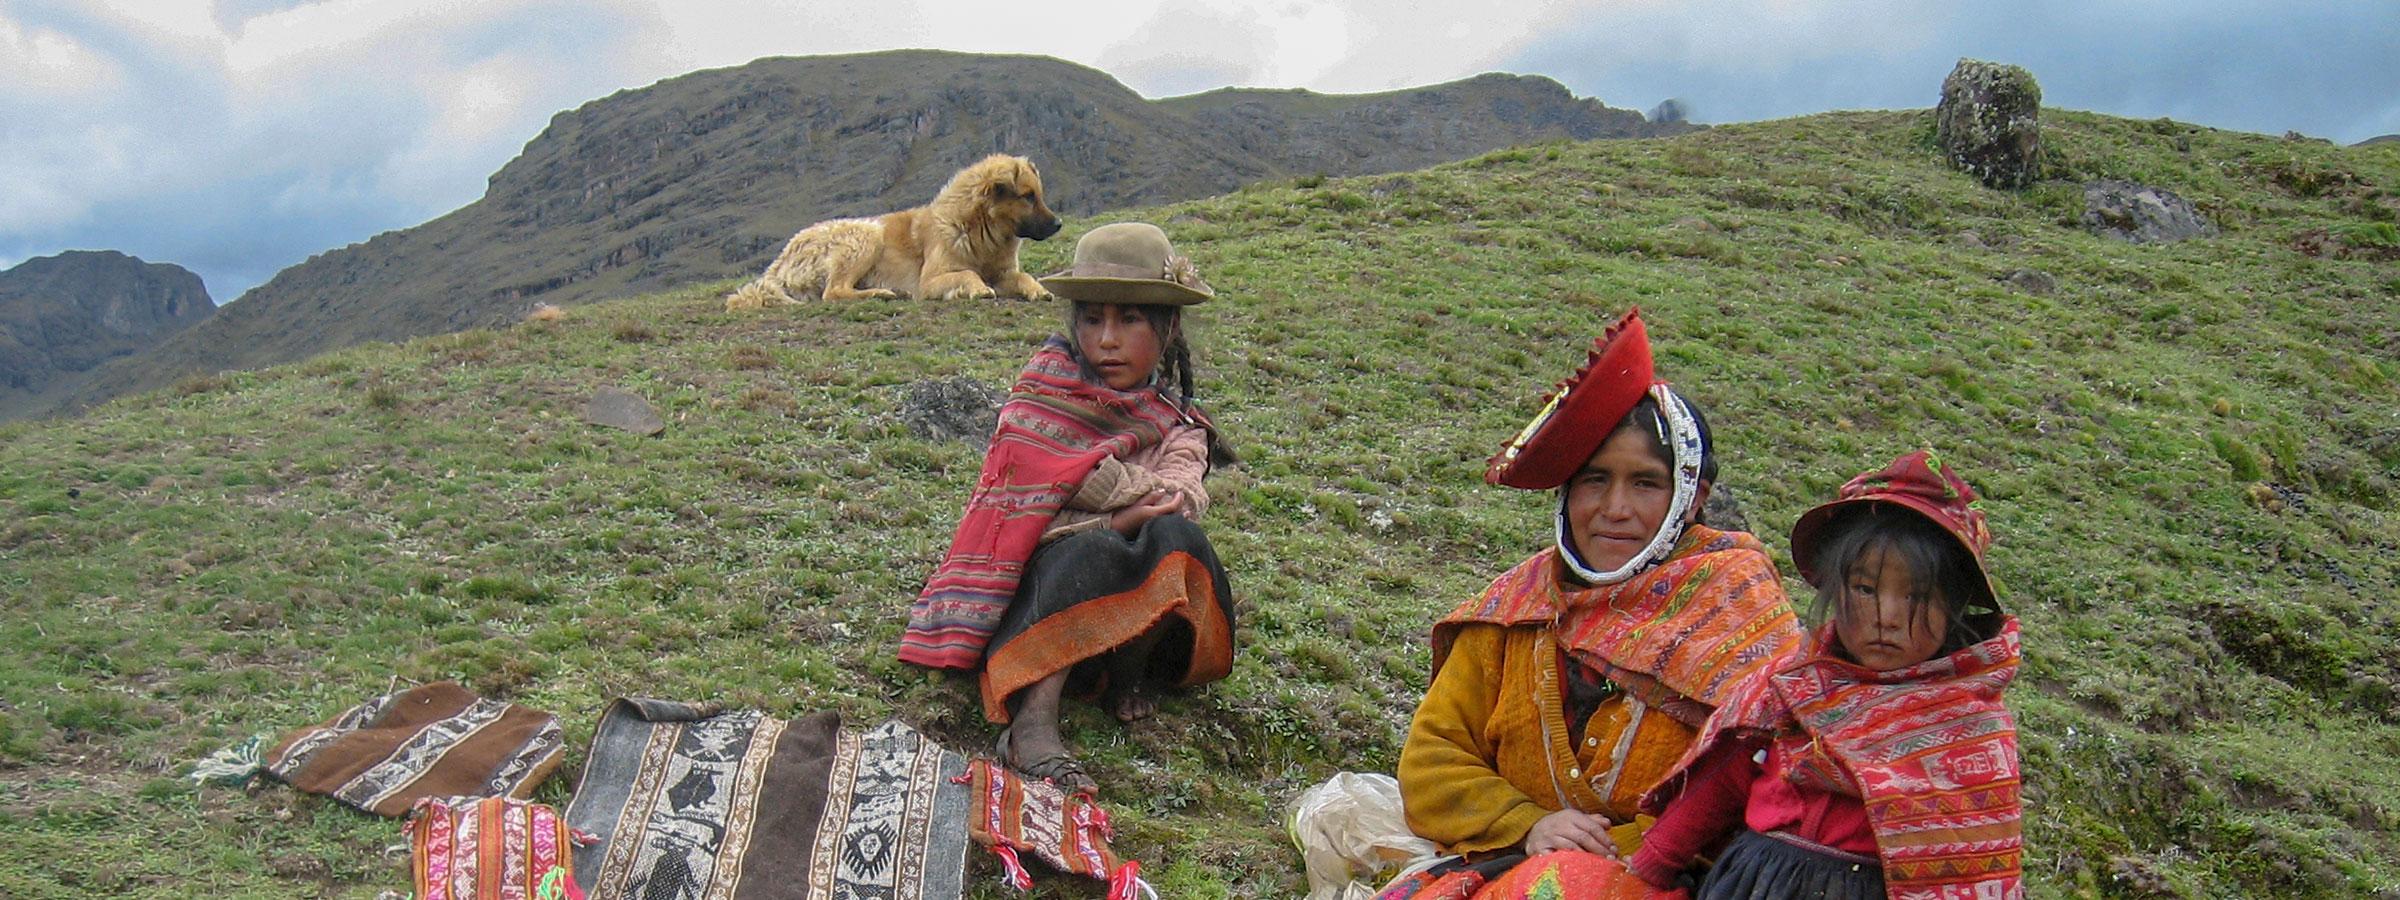 El Lares Trek es una caminata fuera de lo común que comienza cerca del pueblo de Lares, a 40 millas al norte de Cusco y 35 millas al sureste de Machu Picchu. La caminata se realiza en el Valle de Lares, al este de la cordillera del Urubamba, que atraviesa parte del Valle Sagrado.